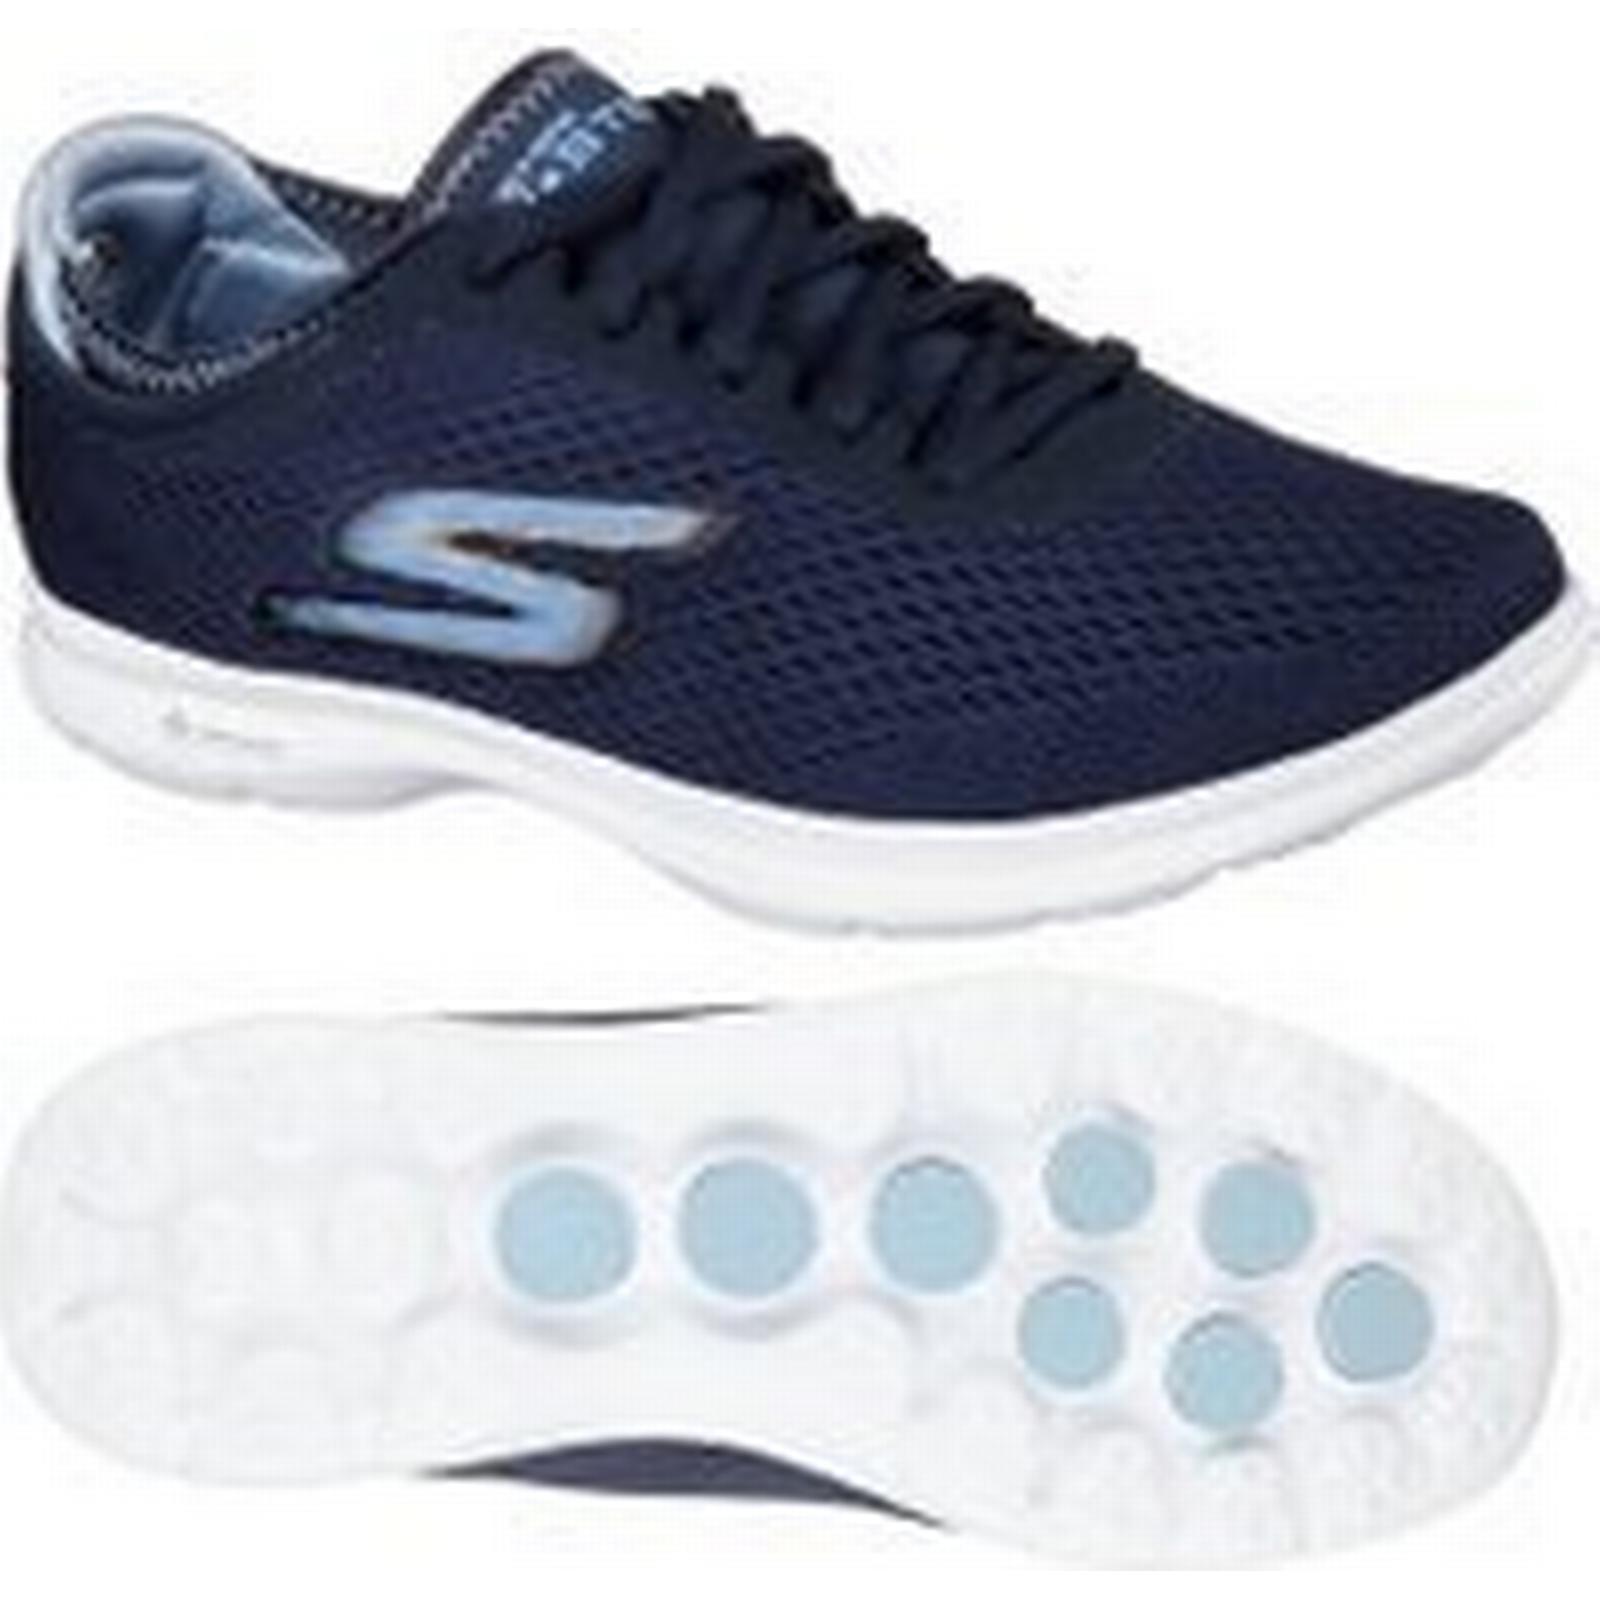 sketchers va pas sport mesdames les chaussures d'athlétisme blanc, aw - marine et blanc, d'athlétisme , royaume - uni e8f283